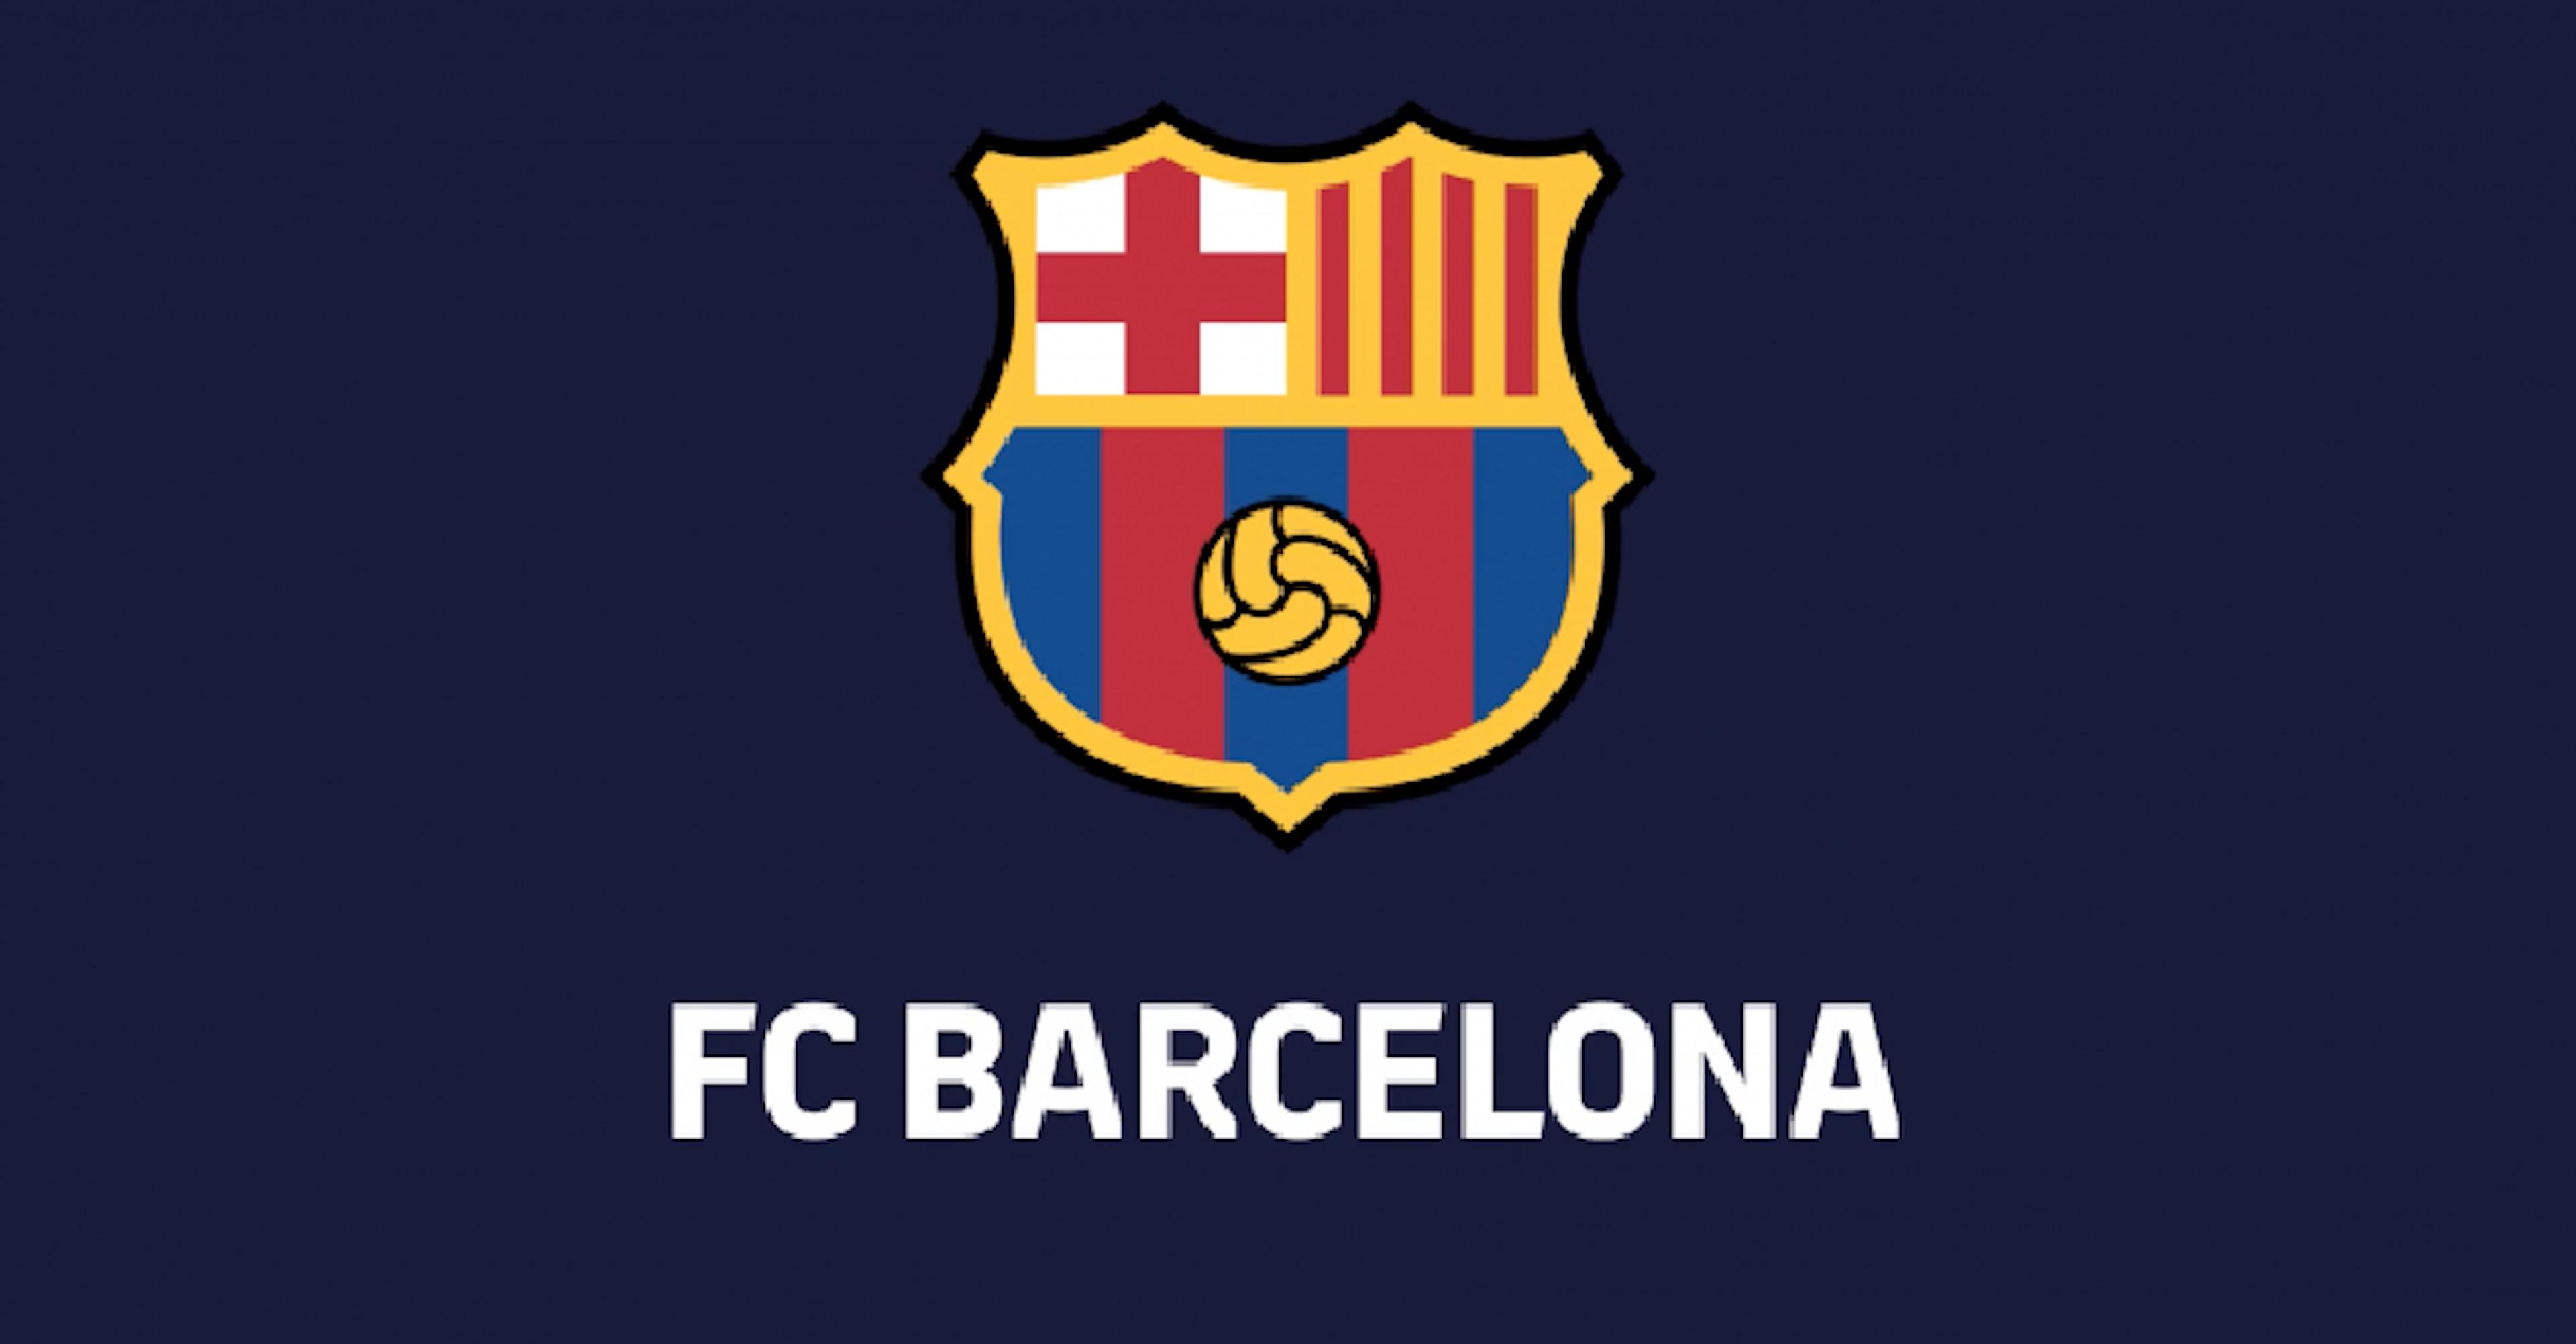 Barcelona cambia de escudo. ¿Recuerdas la renovación de los escudos de otros equipos top?